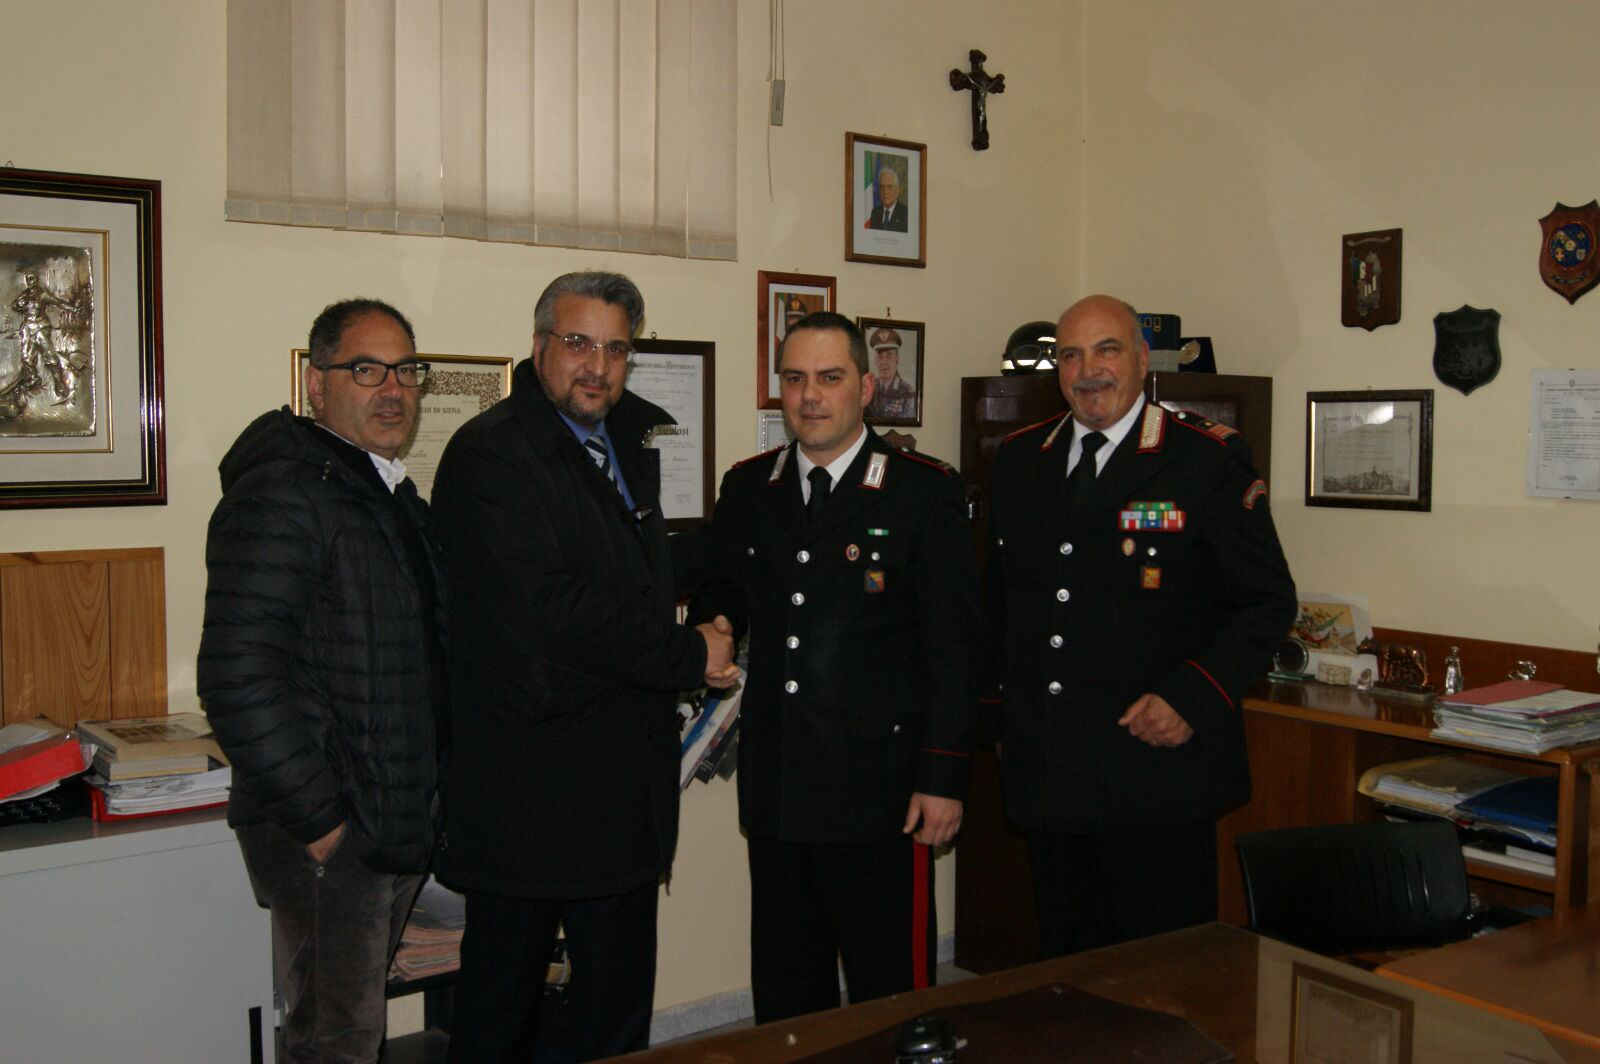 Pedara saluta il vice comandante Scamardella